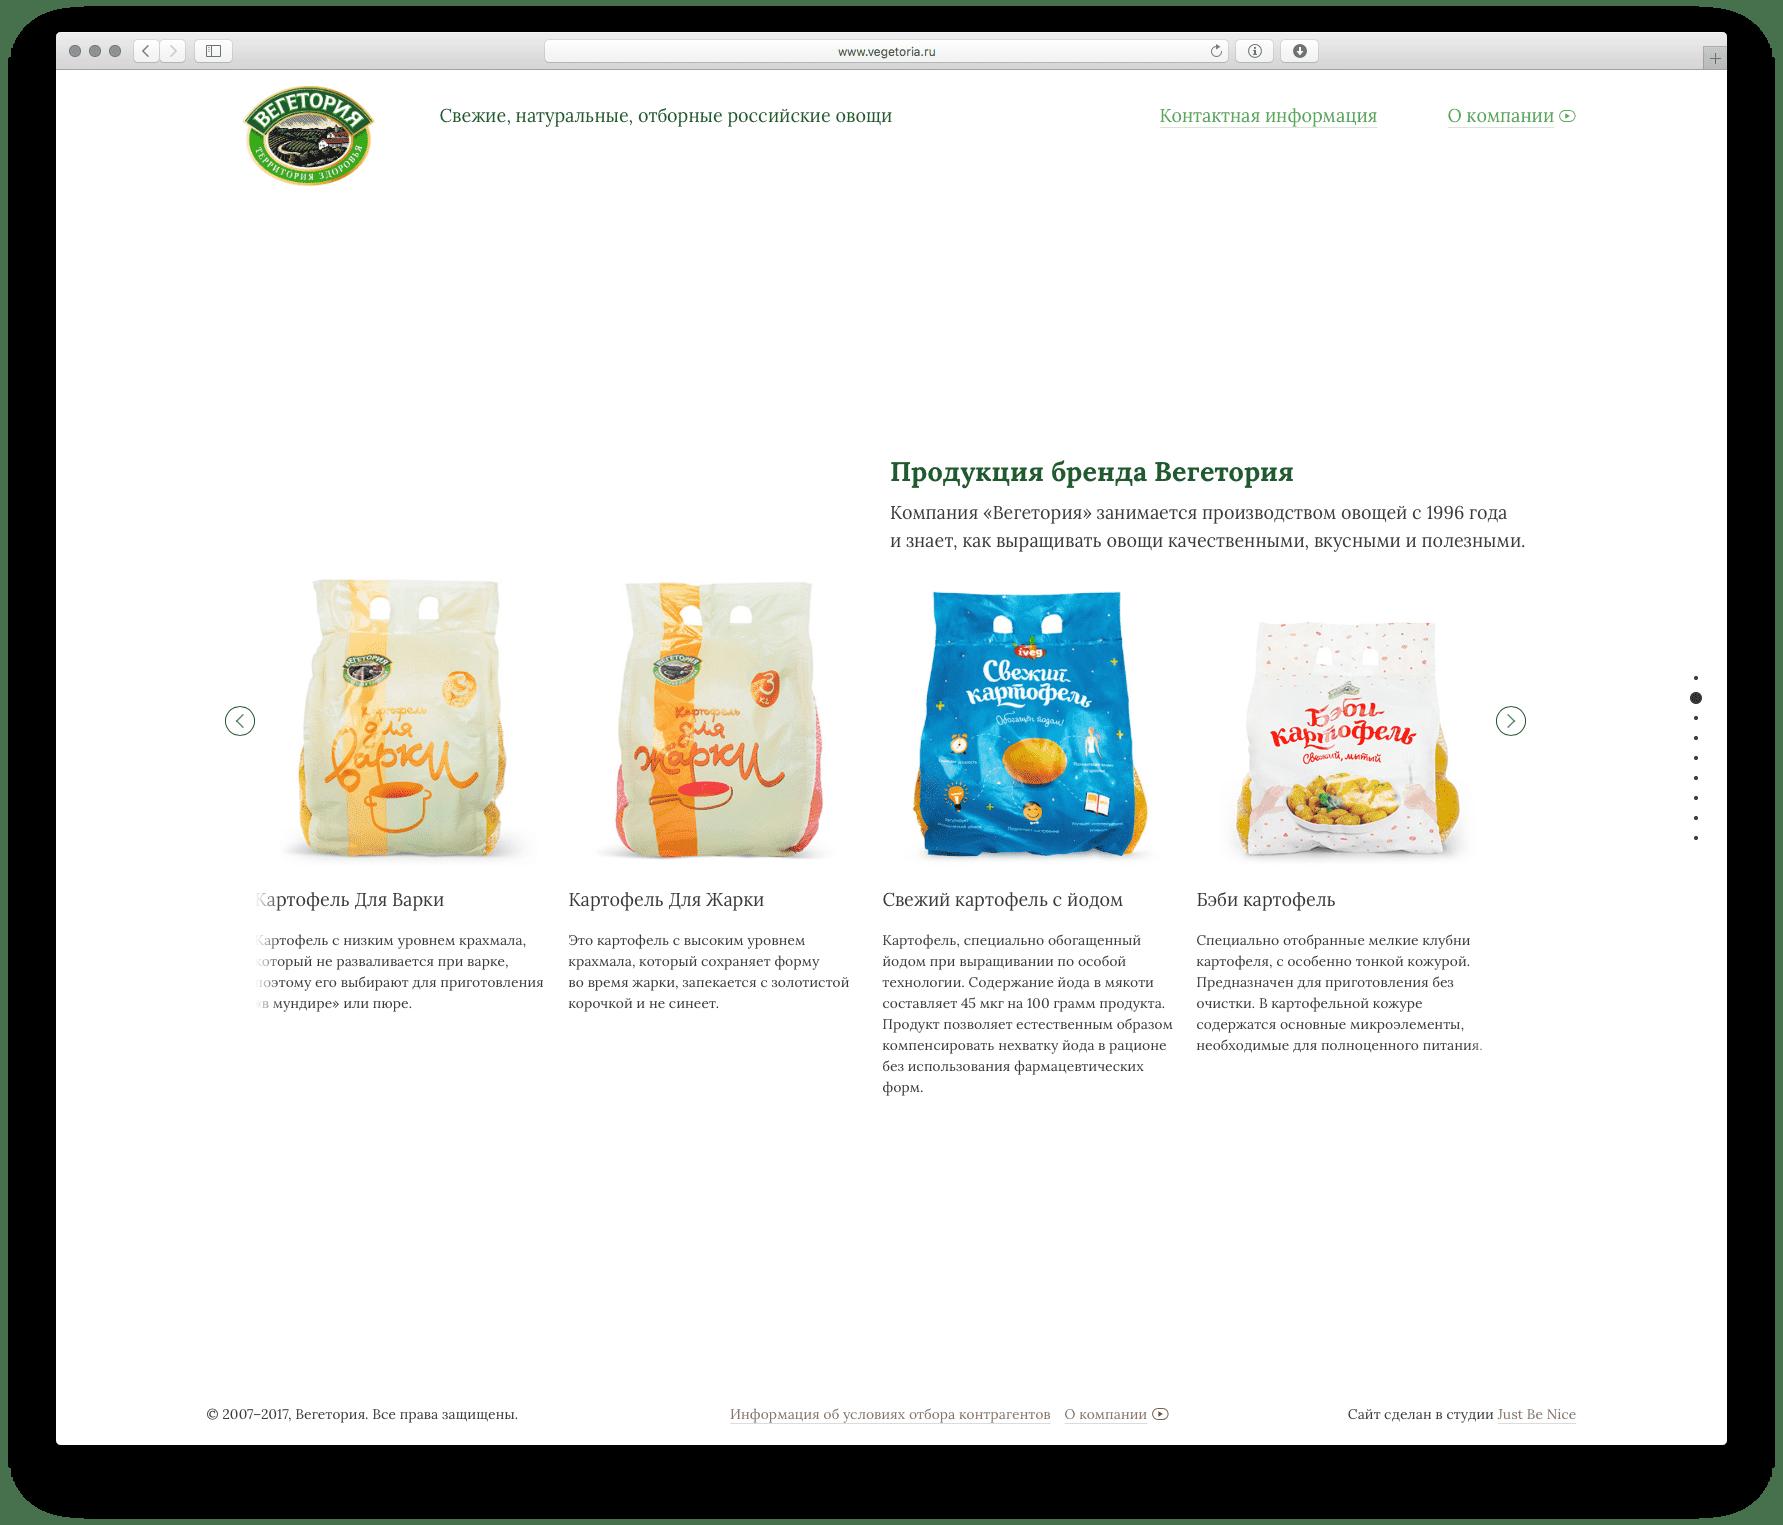 Часть страницы, посвященной продукции